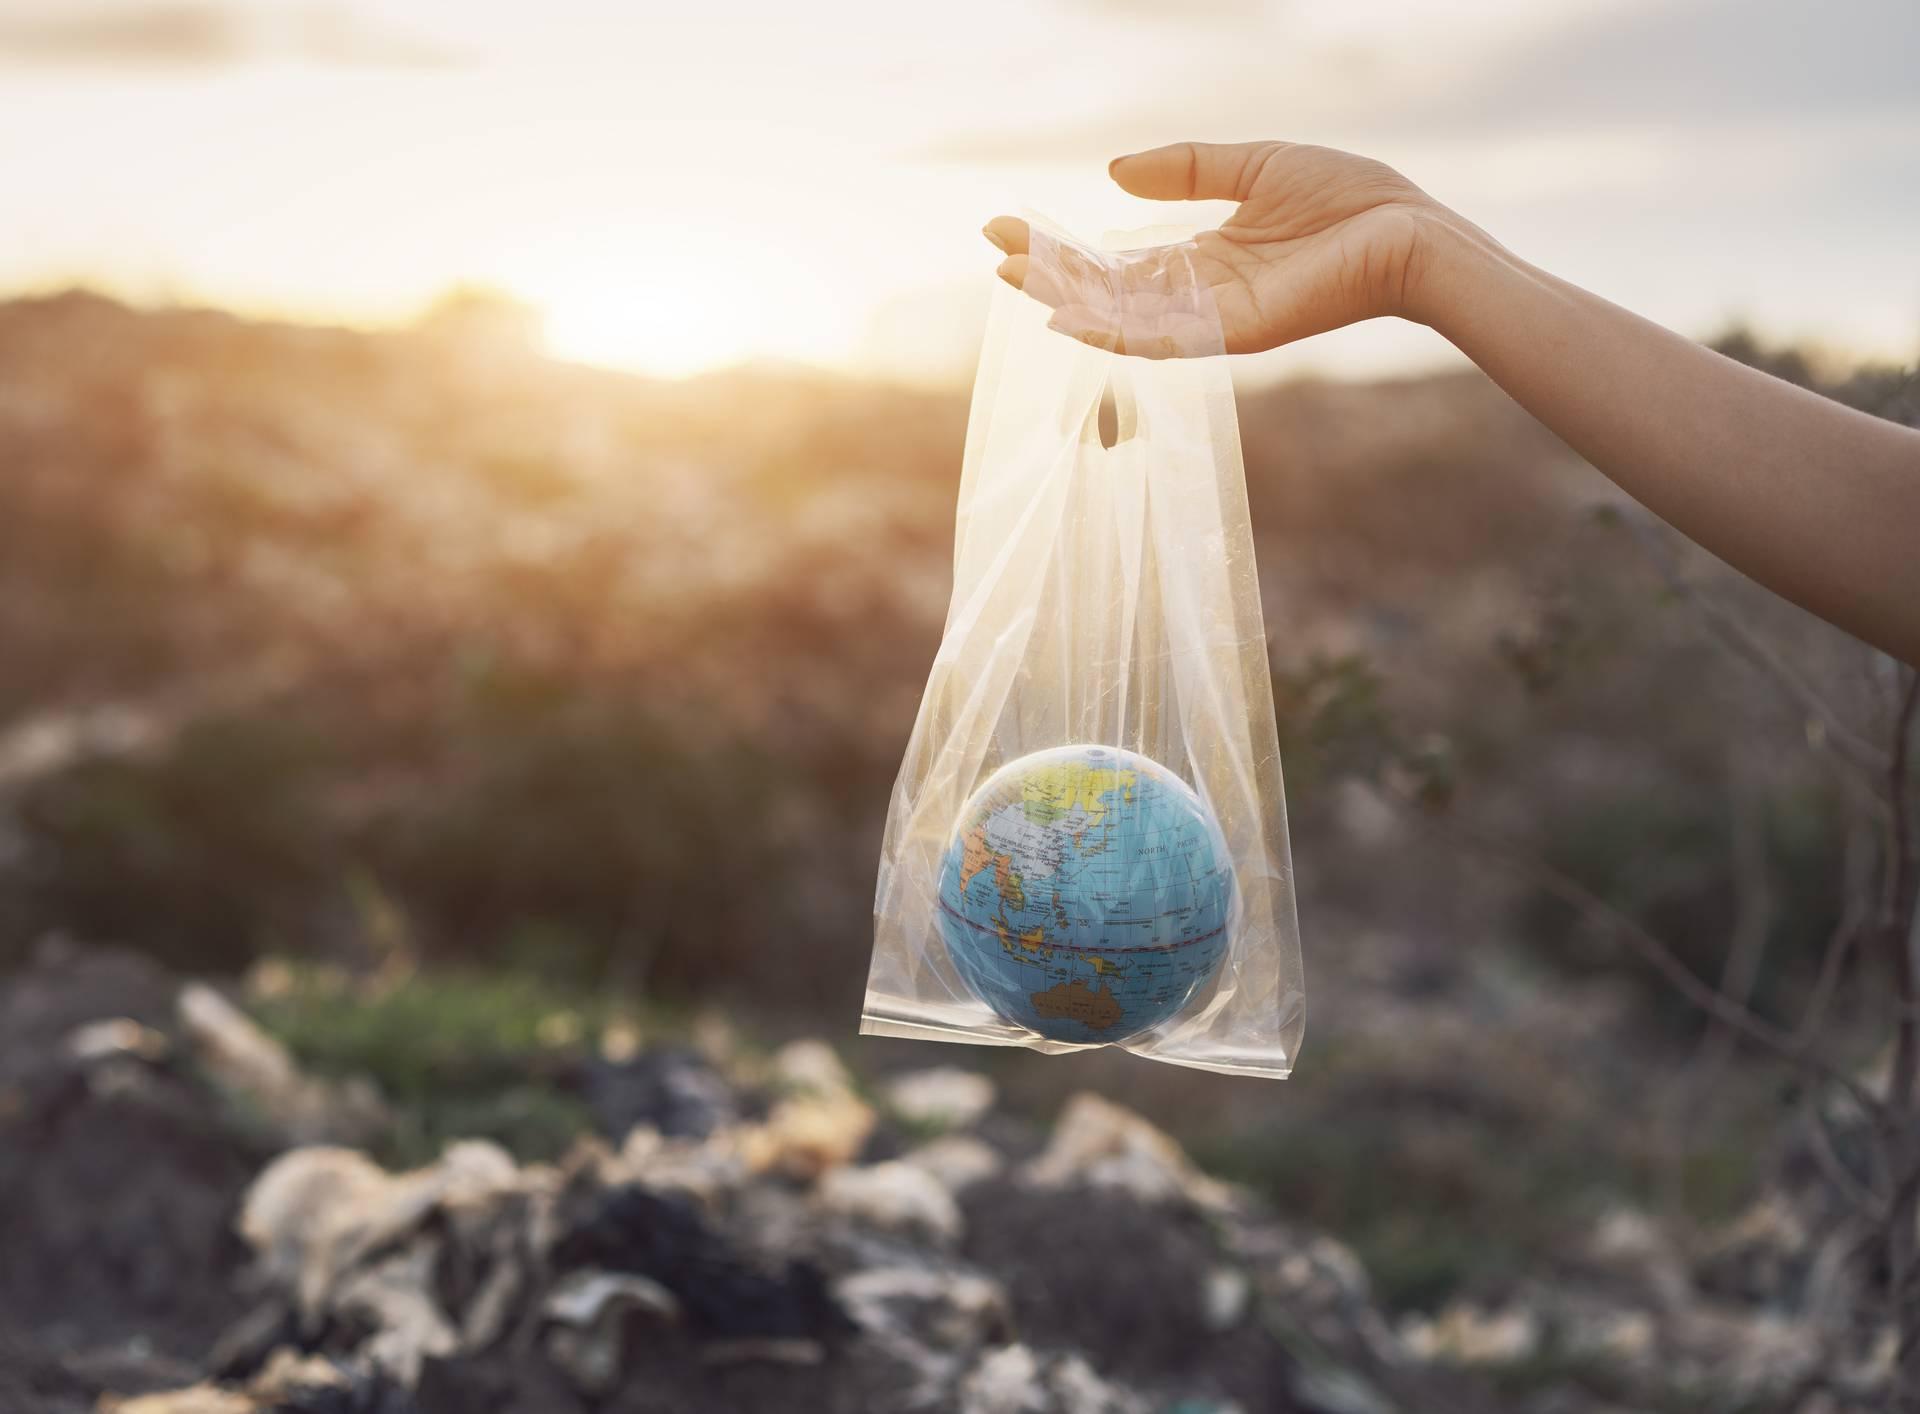 Ljudi žele izbaciti plastiku, ali to im je još uvijek - preskupo